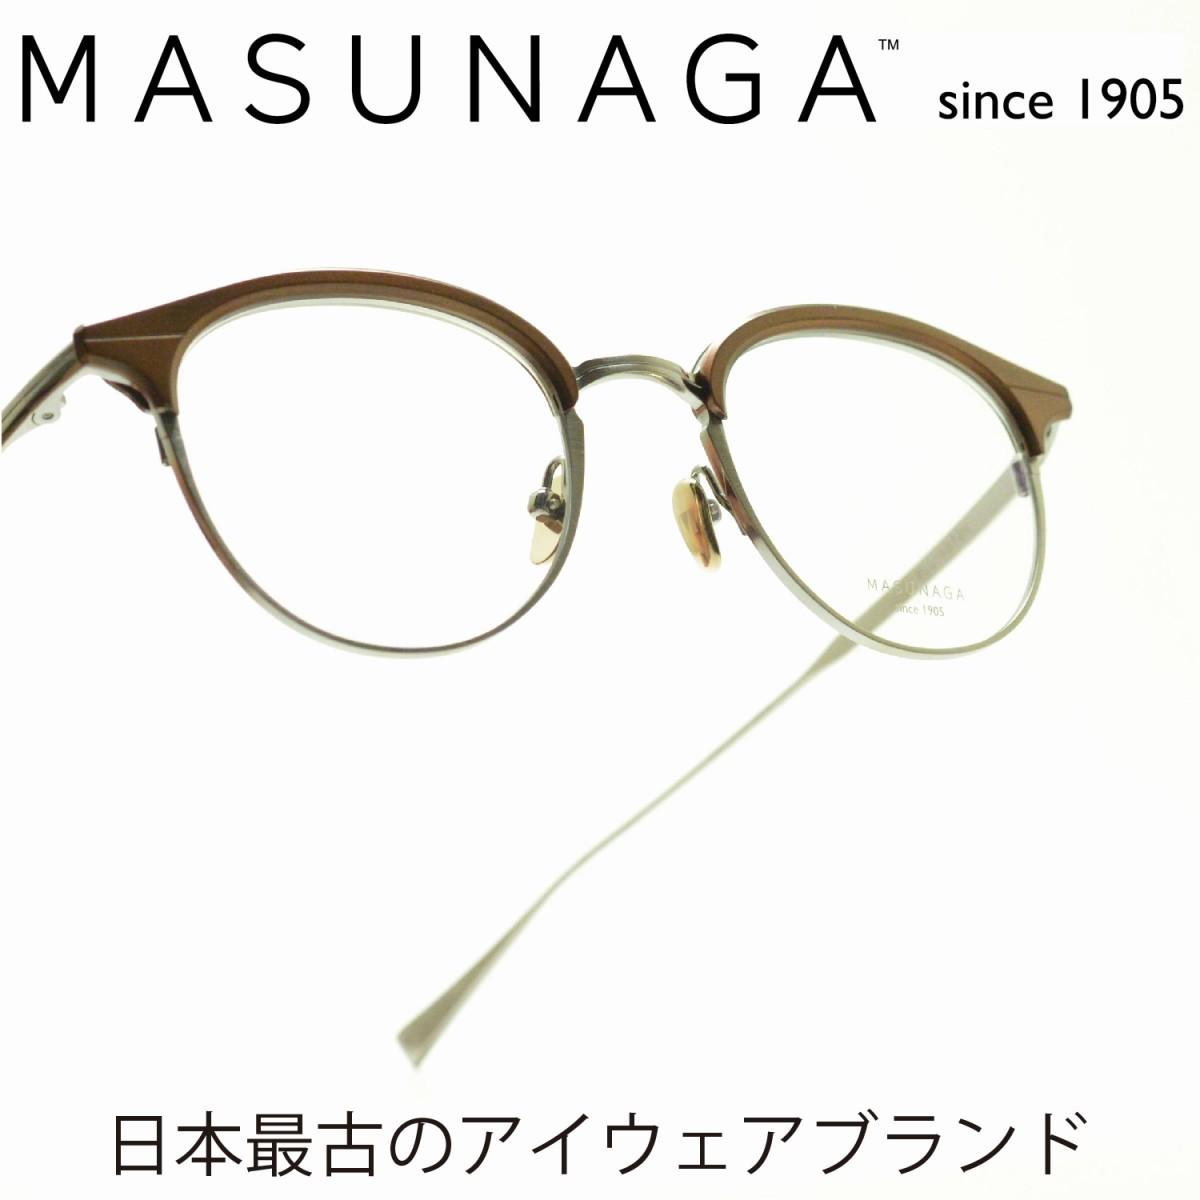 増永眼鏡 MASUNAGA since 1905 ELLINGTON col-13 BROWN/GRYメガネ 眼鏡 めがね メンズ レディース おしゃれ ブランド 人気 おすすめ フレーム 流行り 度付き レンズ